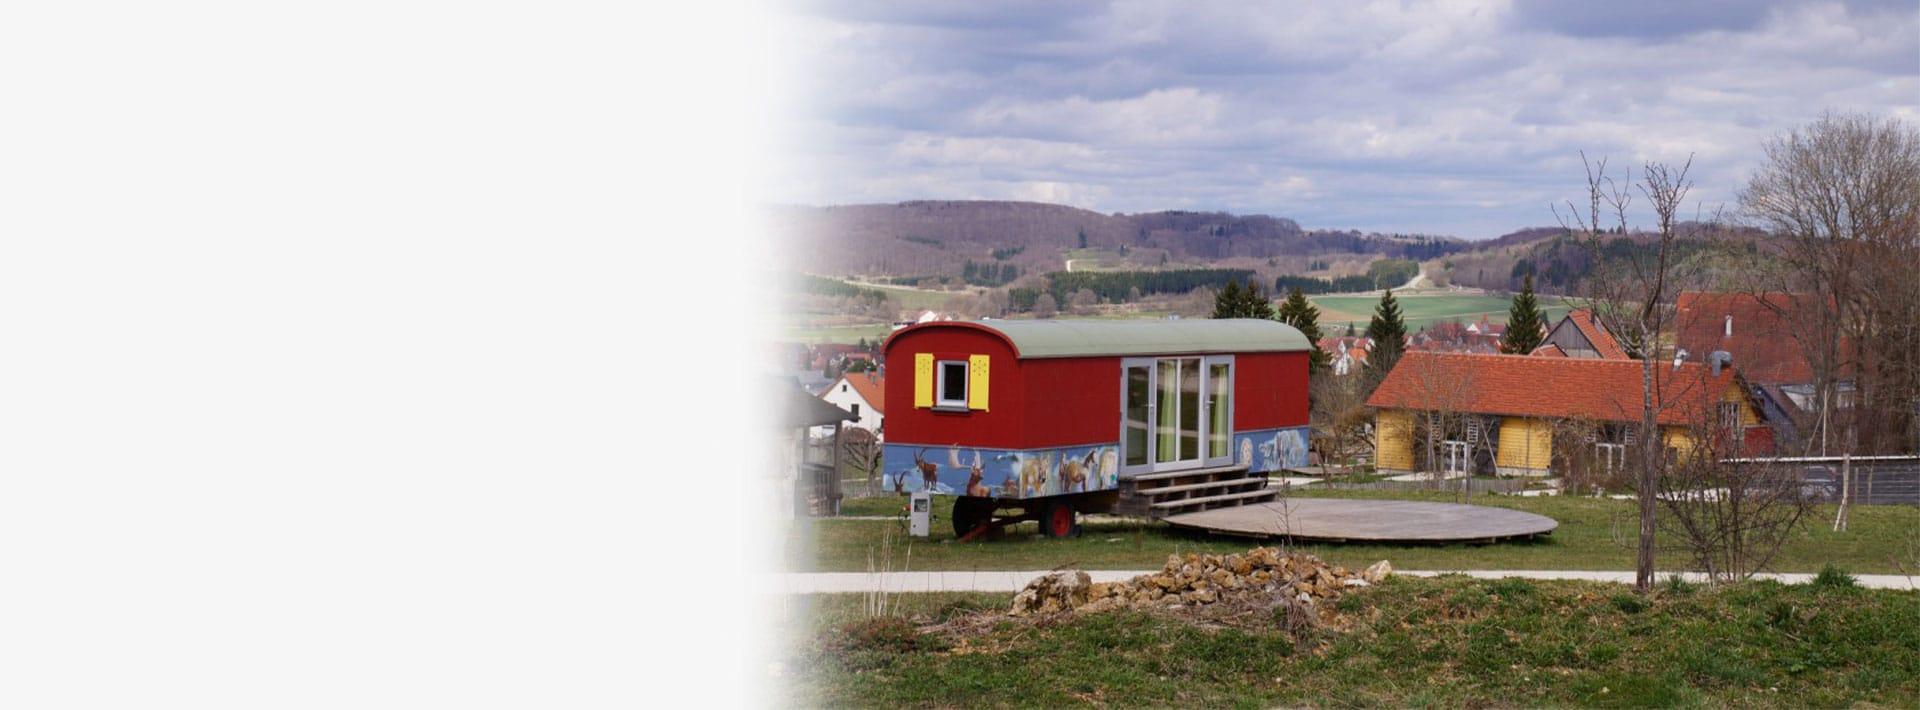 Tagungslocation Hofgut Hopfenburg auf der Schwäbischen Alb Blogbeitrag